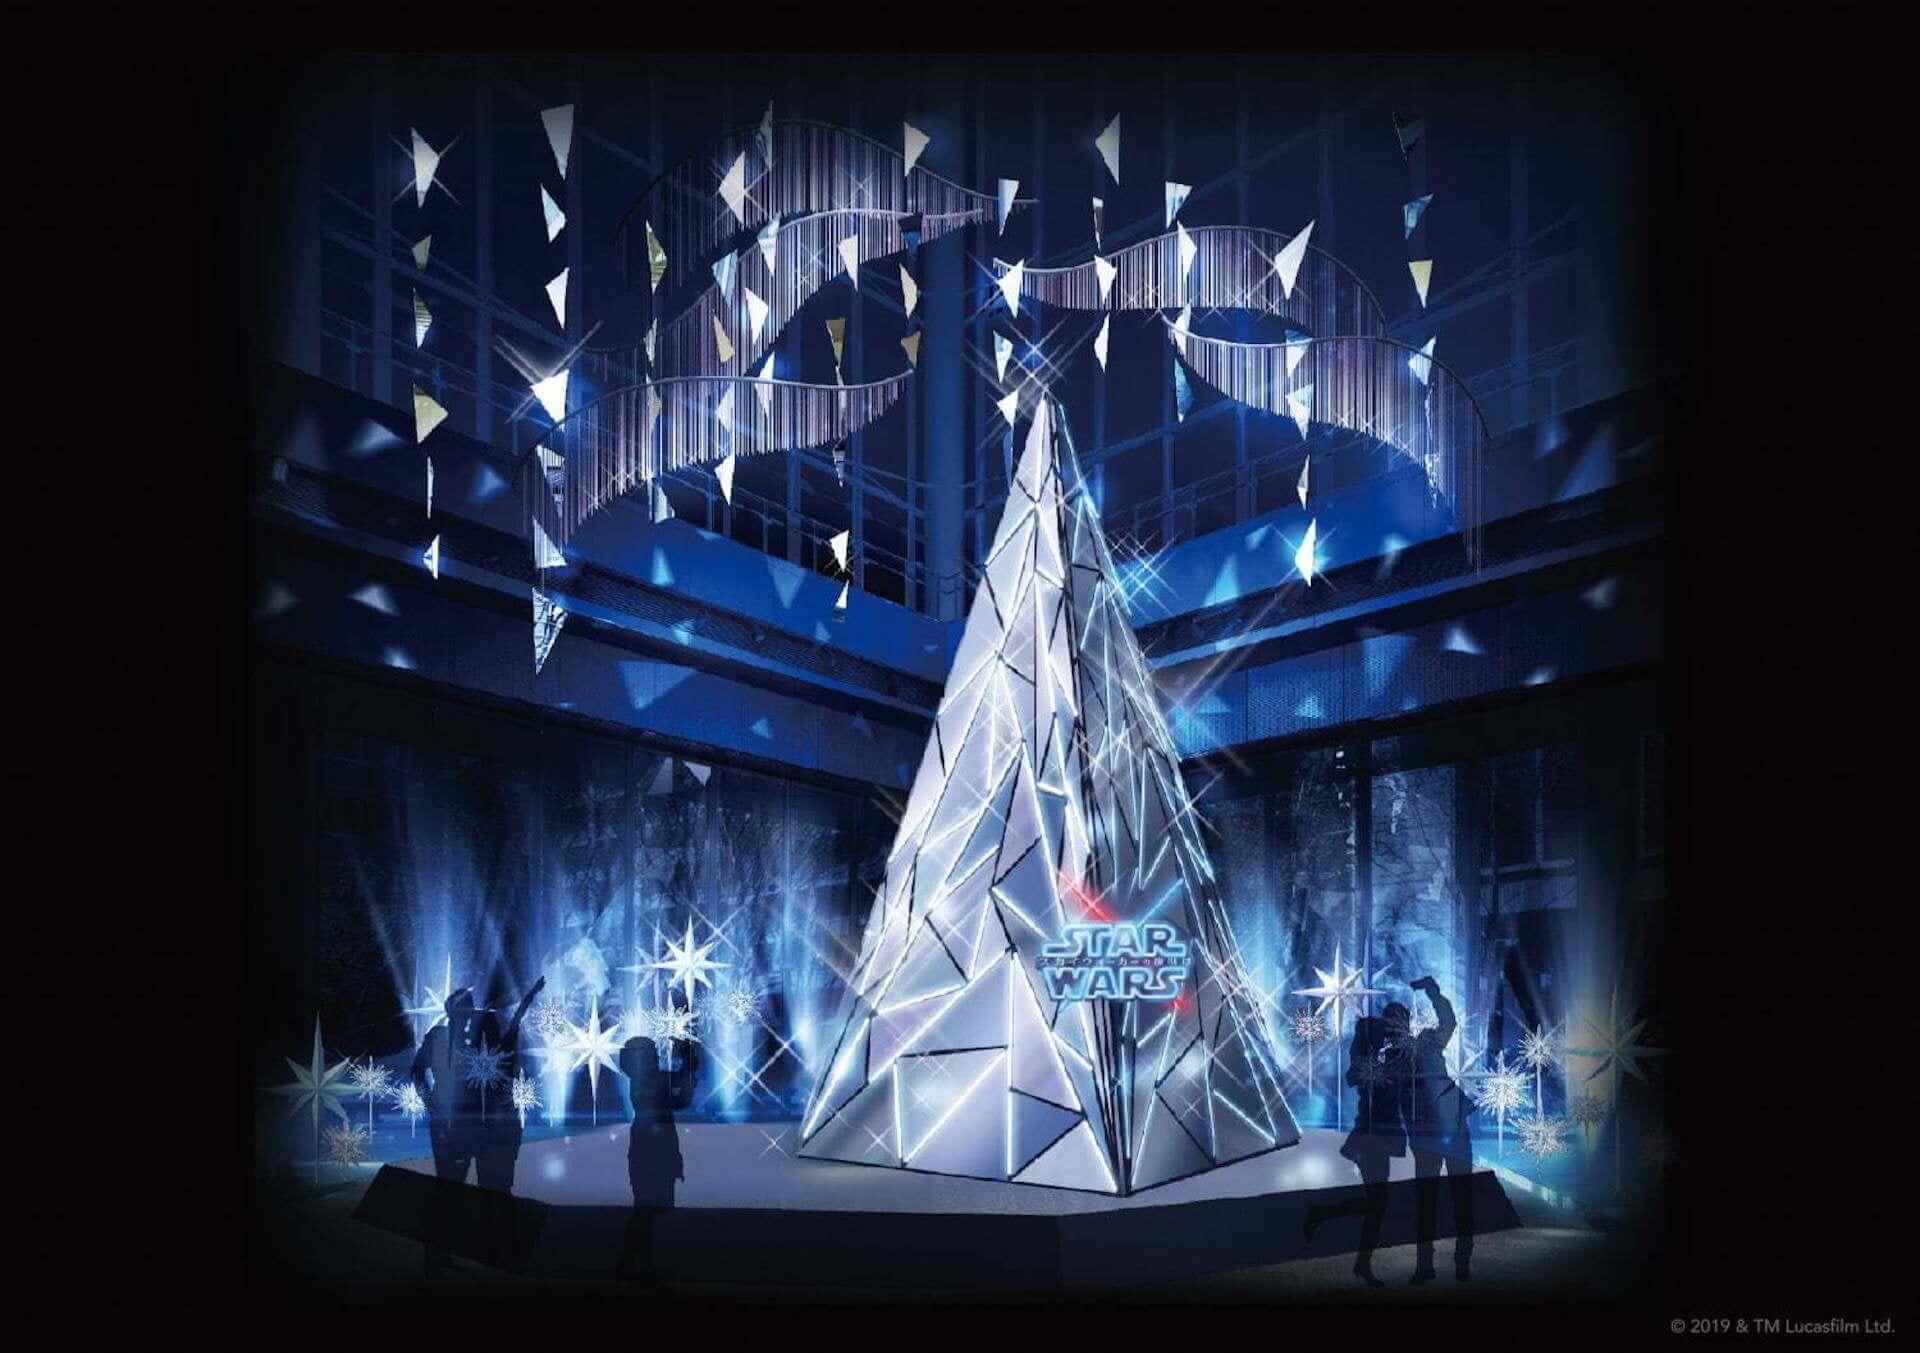 スター・ウォーズが丸の内のクリスマスを彩る!期間限定イベント<STAR WARS Marunouchi Bright Christmas 2019 - Precious for you->が決定! Artculture191106_starwars_2-1-1920x1353